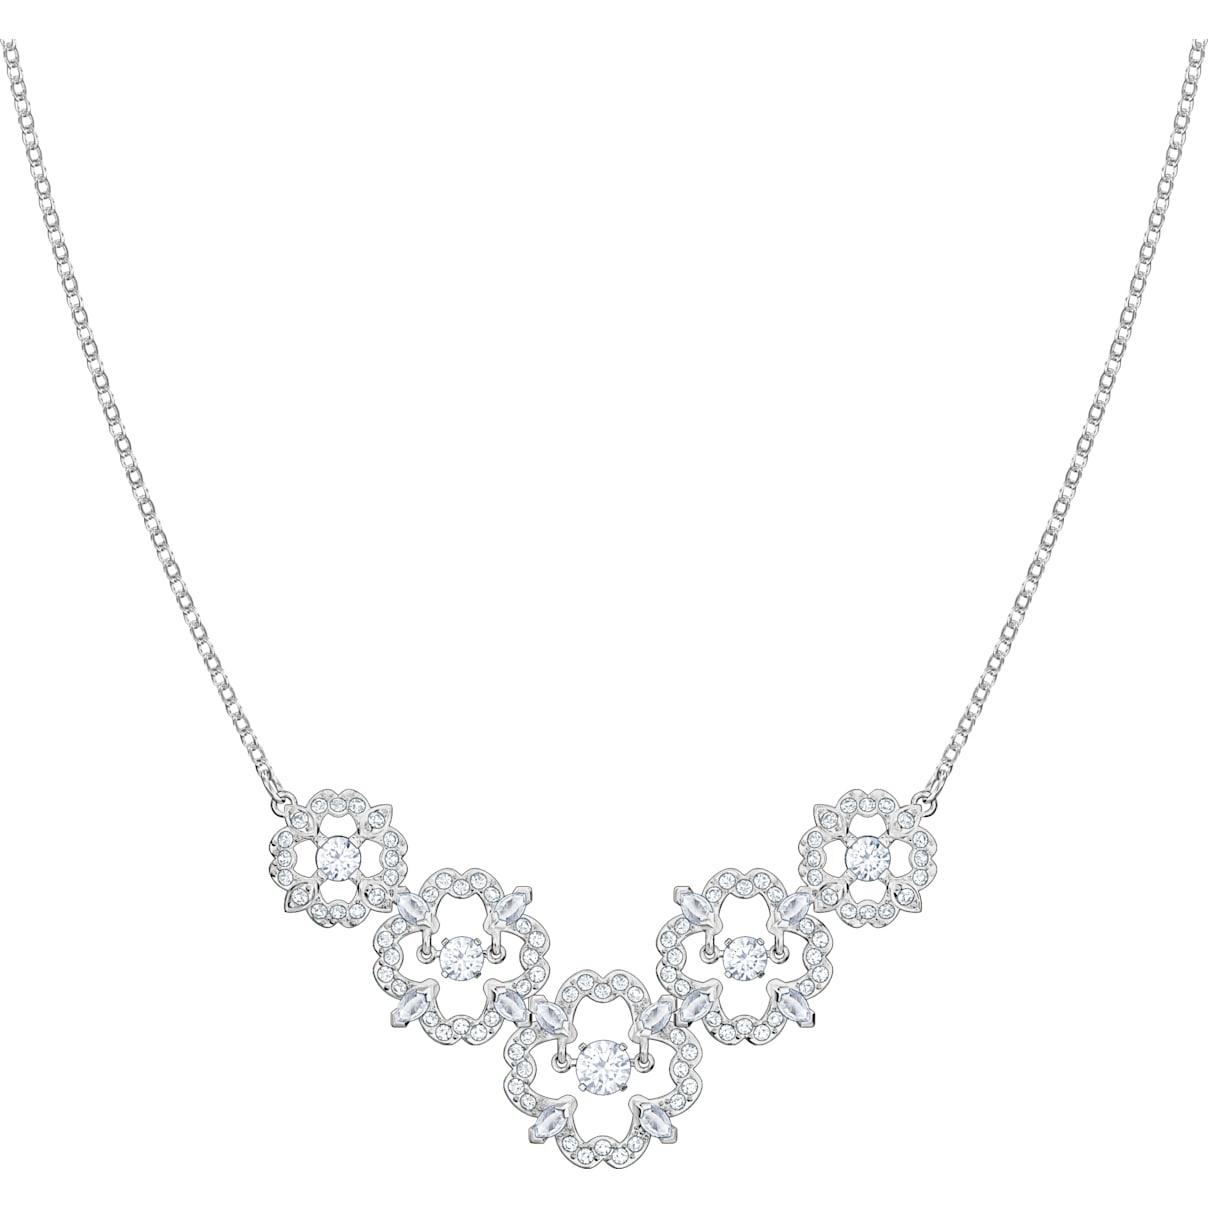 Swarovski Sparkling Dance Flower Necklace, White, Rhodium plated